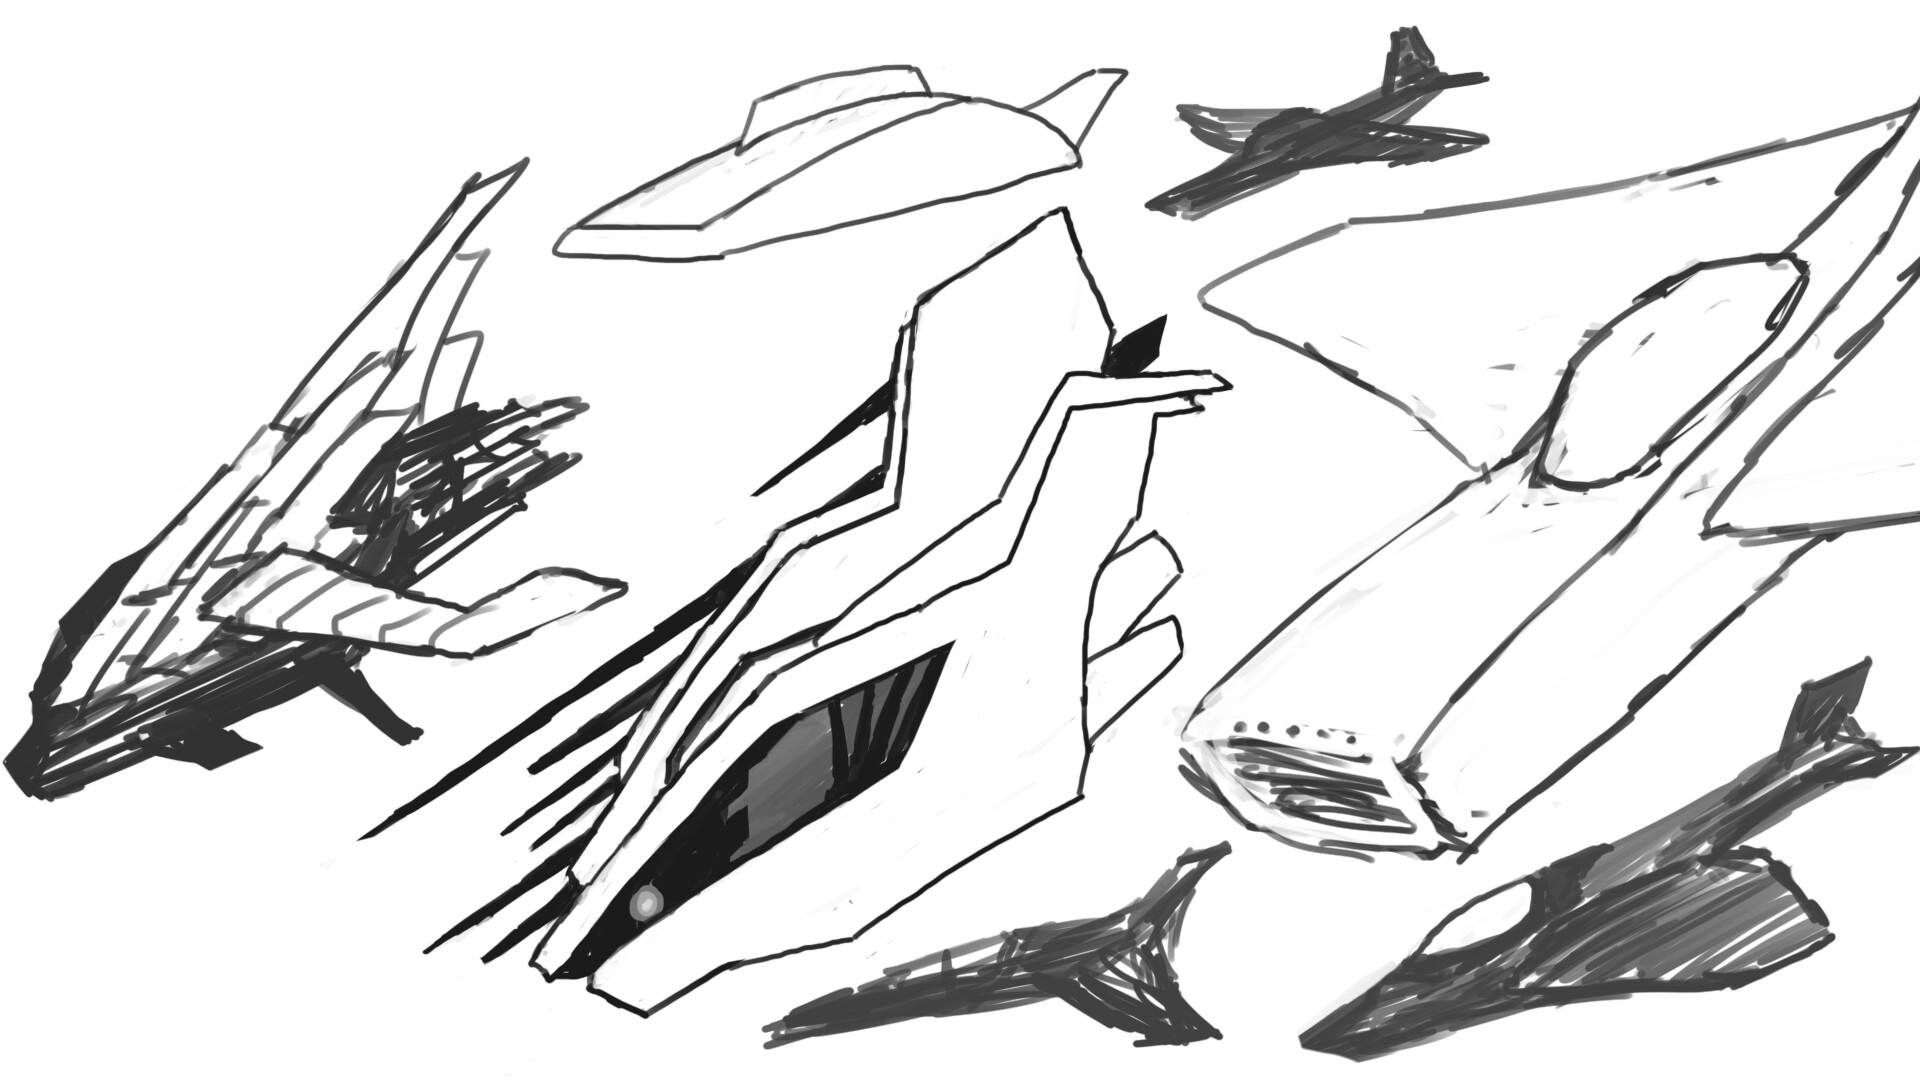 Alexander laheij drawing10 80